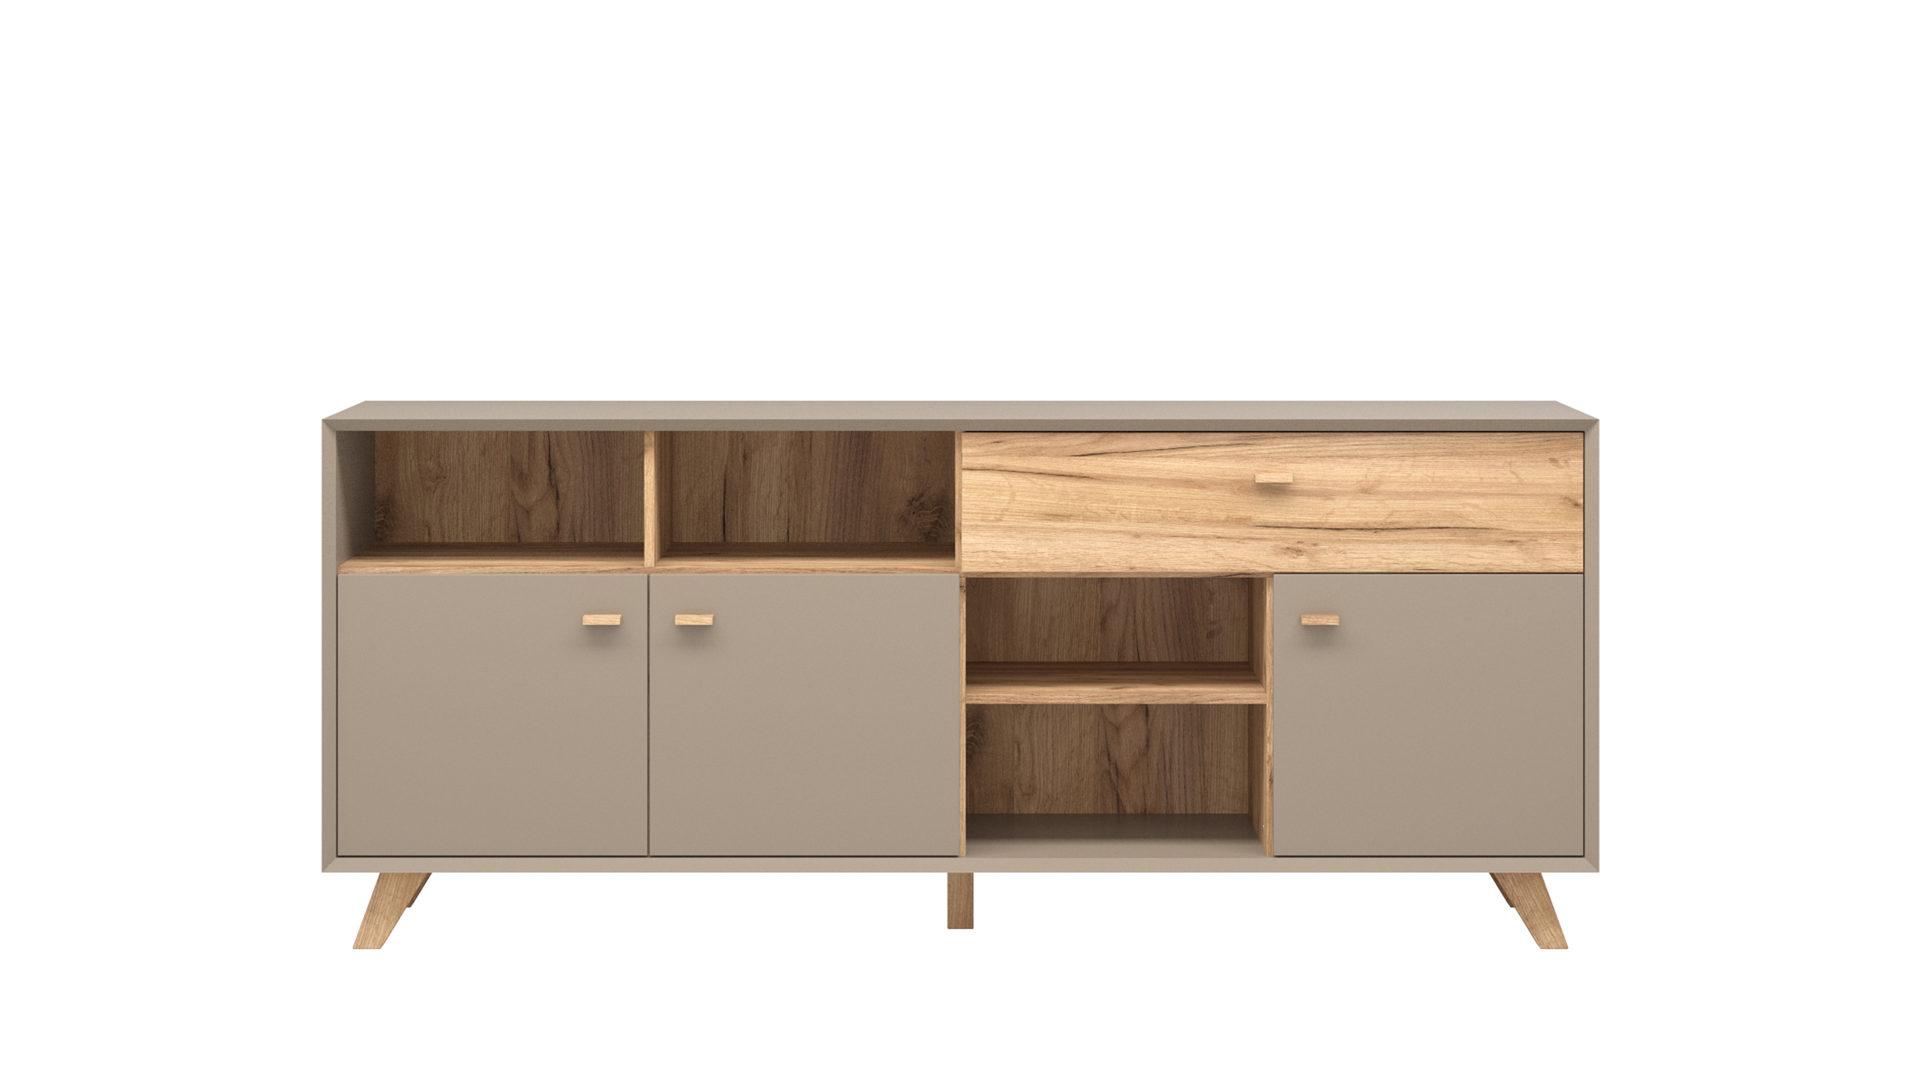 Mobel Boer Coesfeld Markenshops Garderobe Sideboard Sideboard